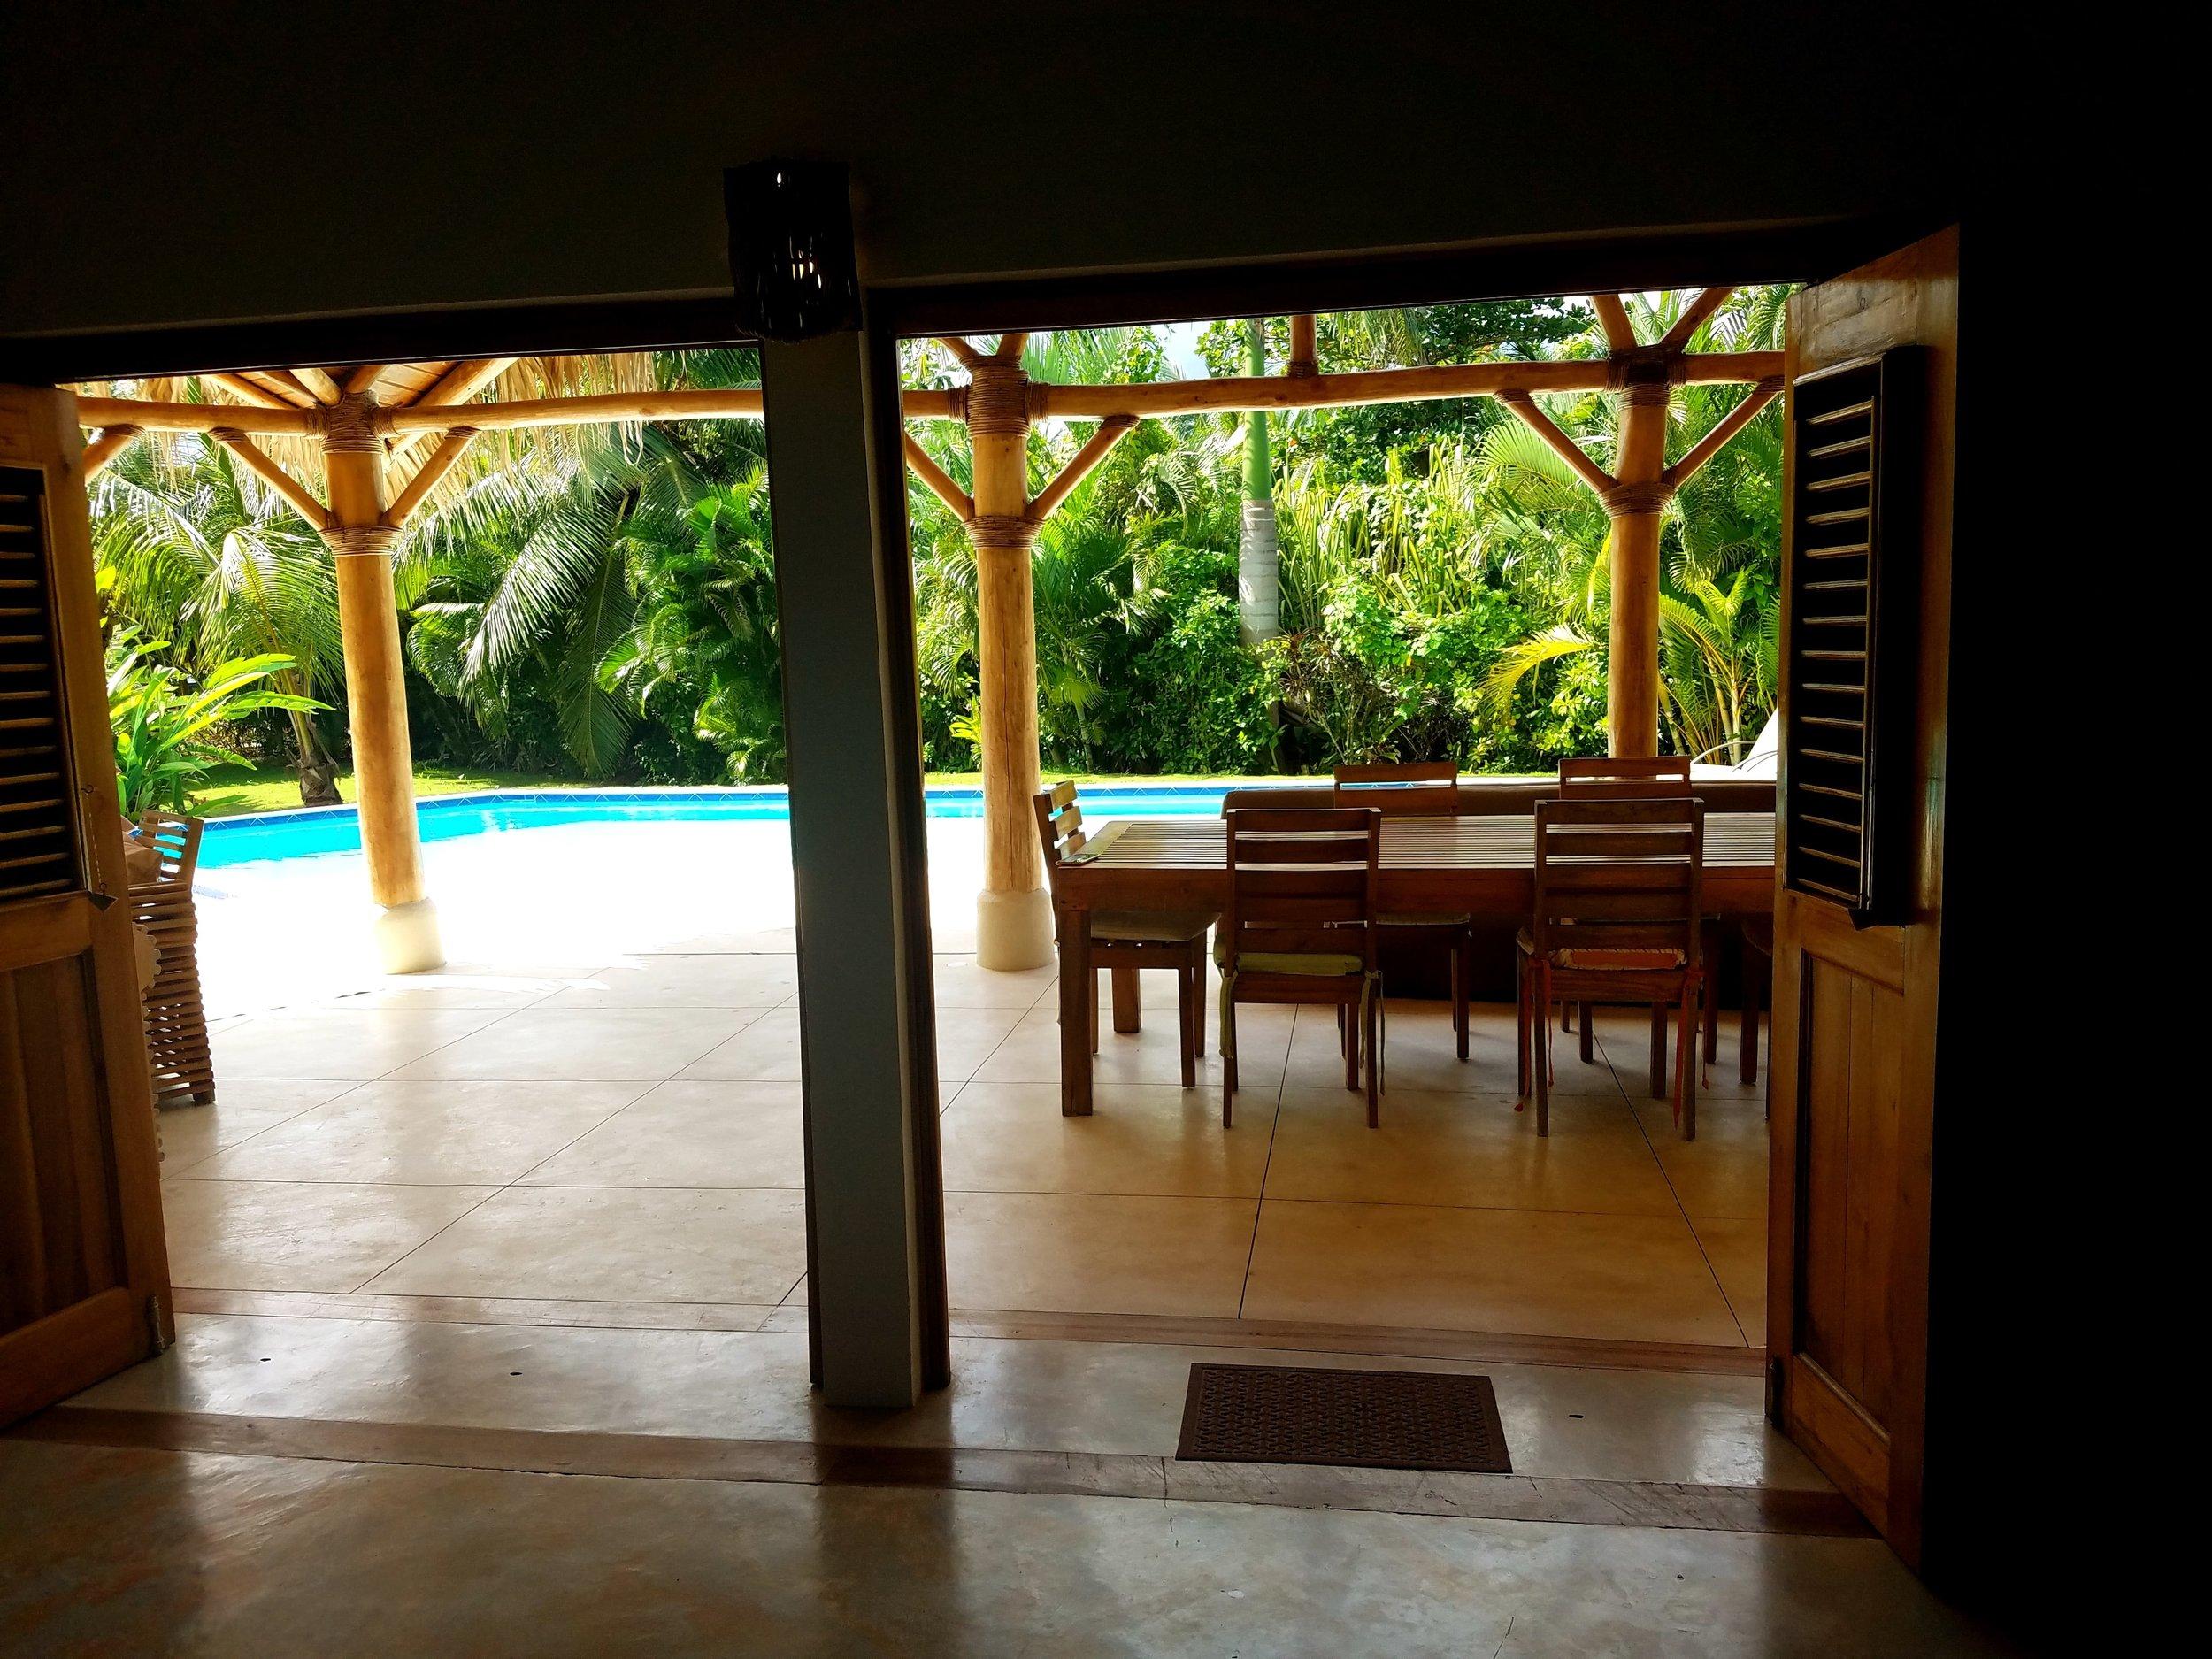 Villa las for rent Las Terrenas Las Flores17-min.jpg